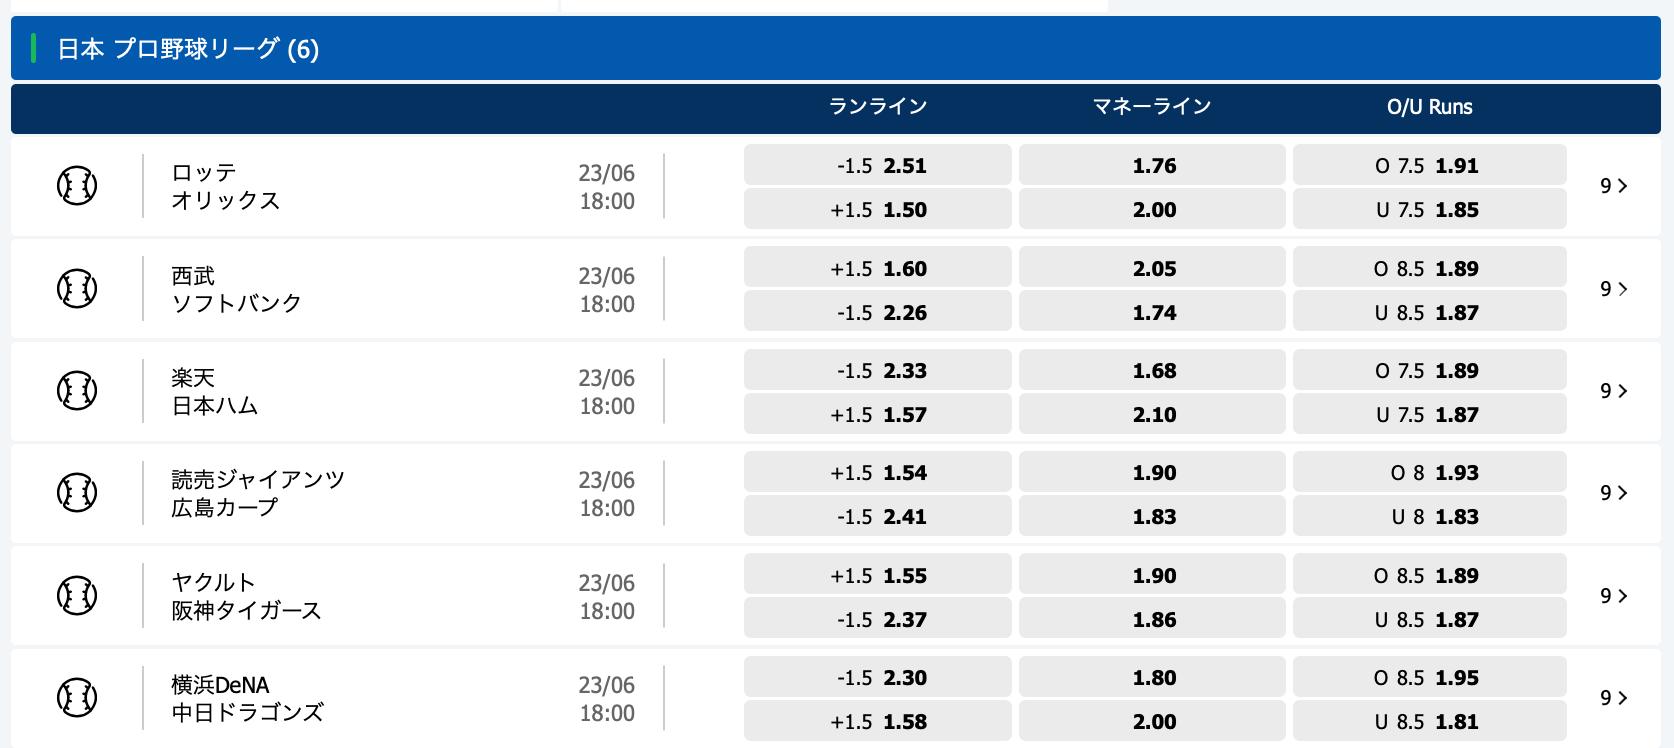 2020.6.23 プロ野球オッズ・10bet Japan